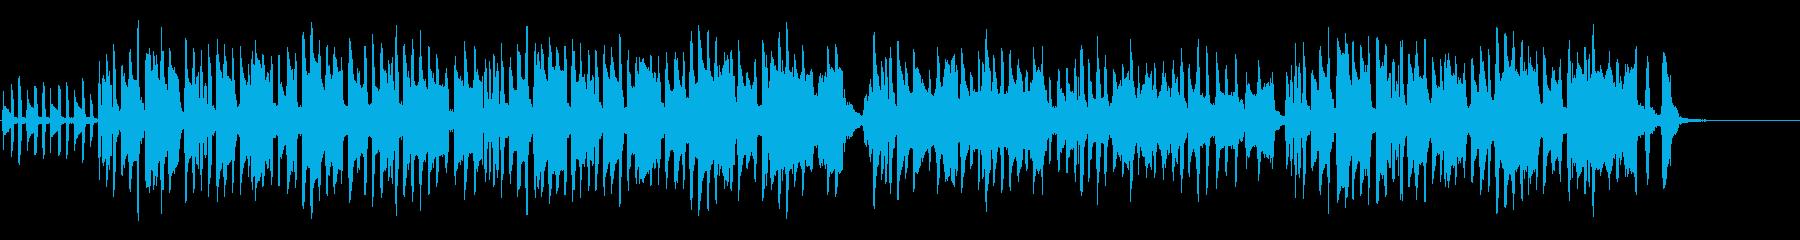 古風でシンプルなワルツの再生済みの波形